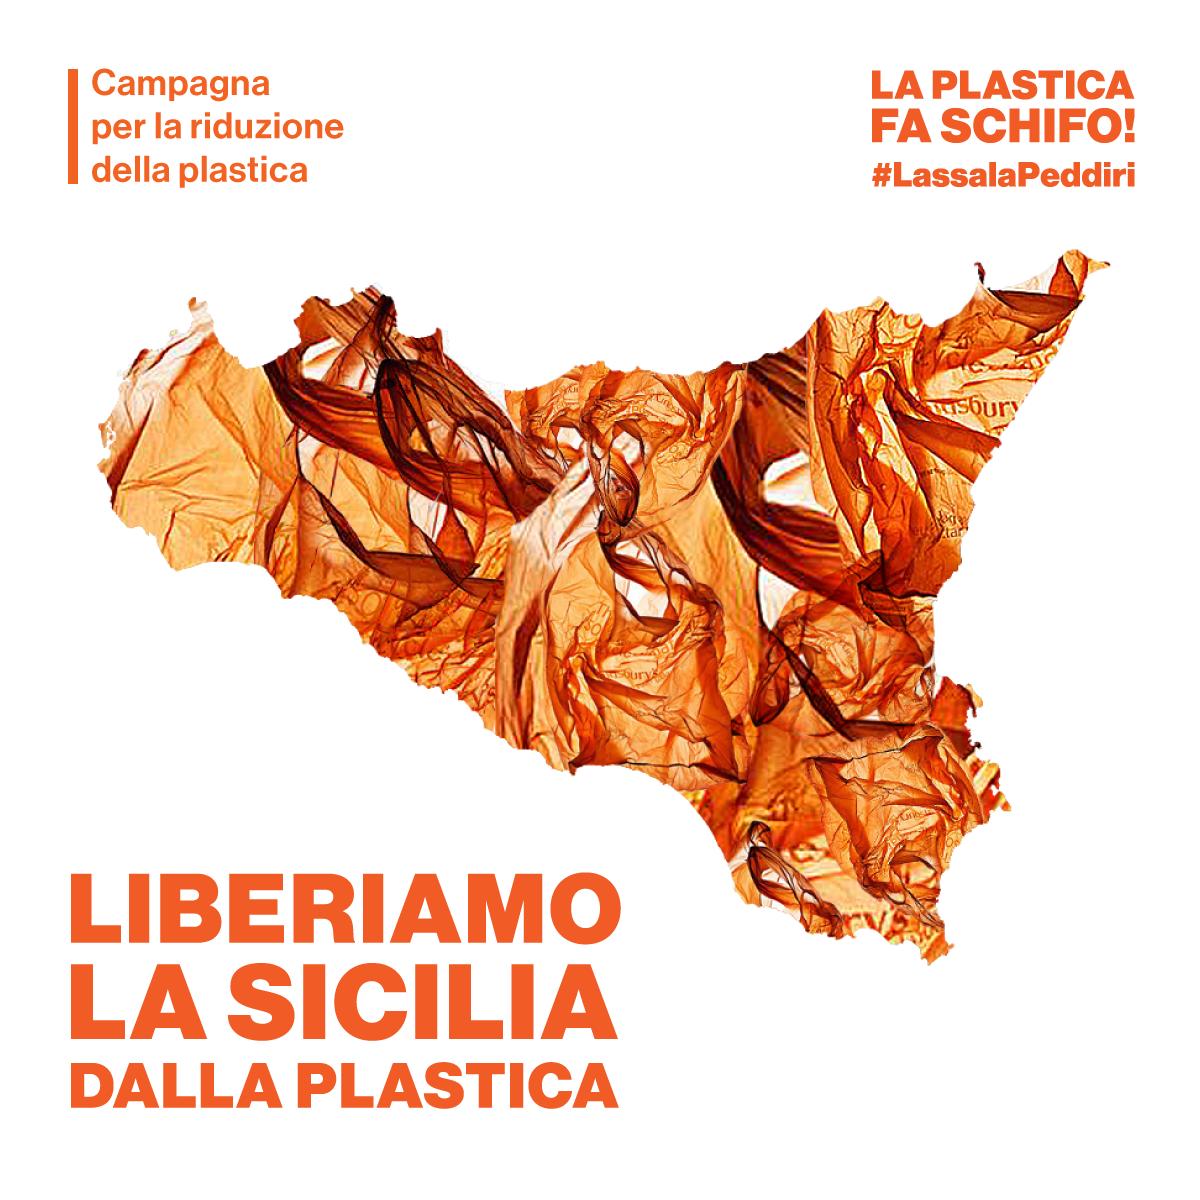 TAR blocca ordinanze plastic free. La risposta della rete #LassalaPeddiri